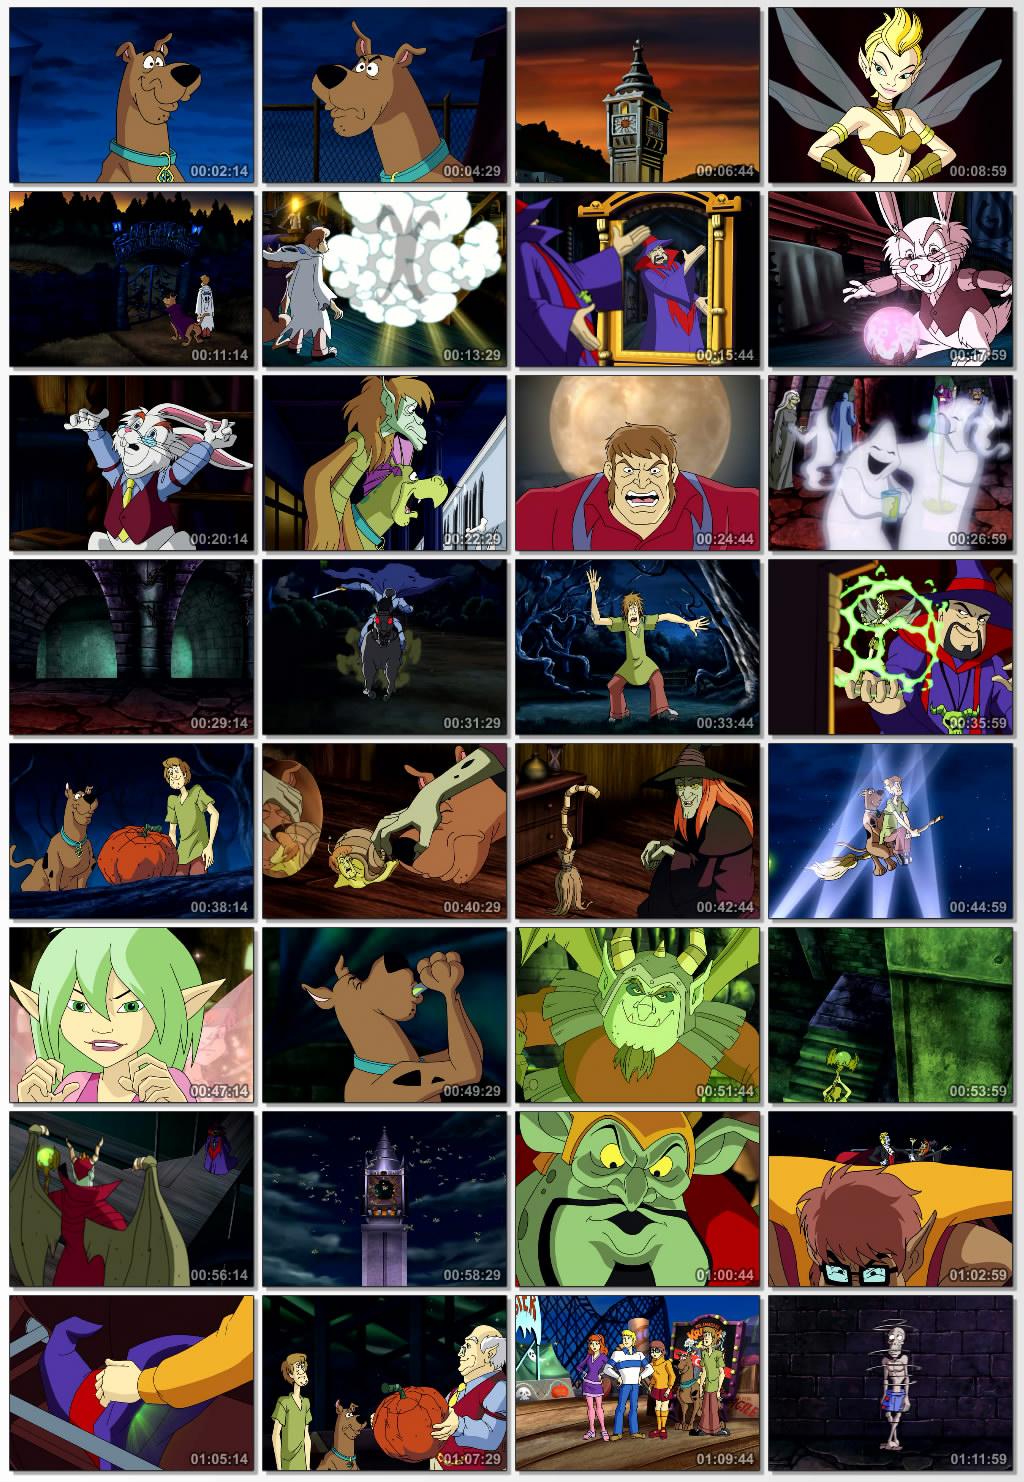 دانلود انیمیشن کارتونی ScoobyDoo and the Goblin King 2008